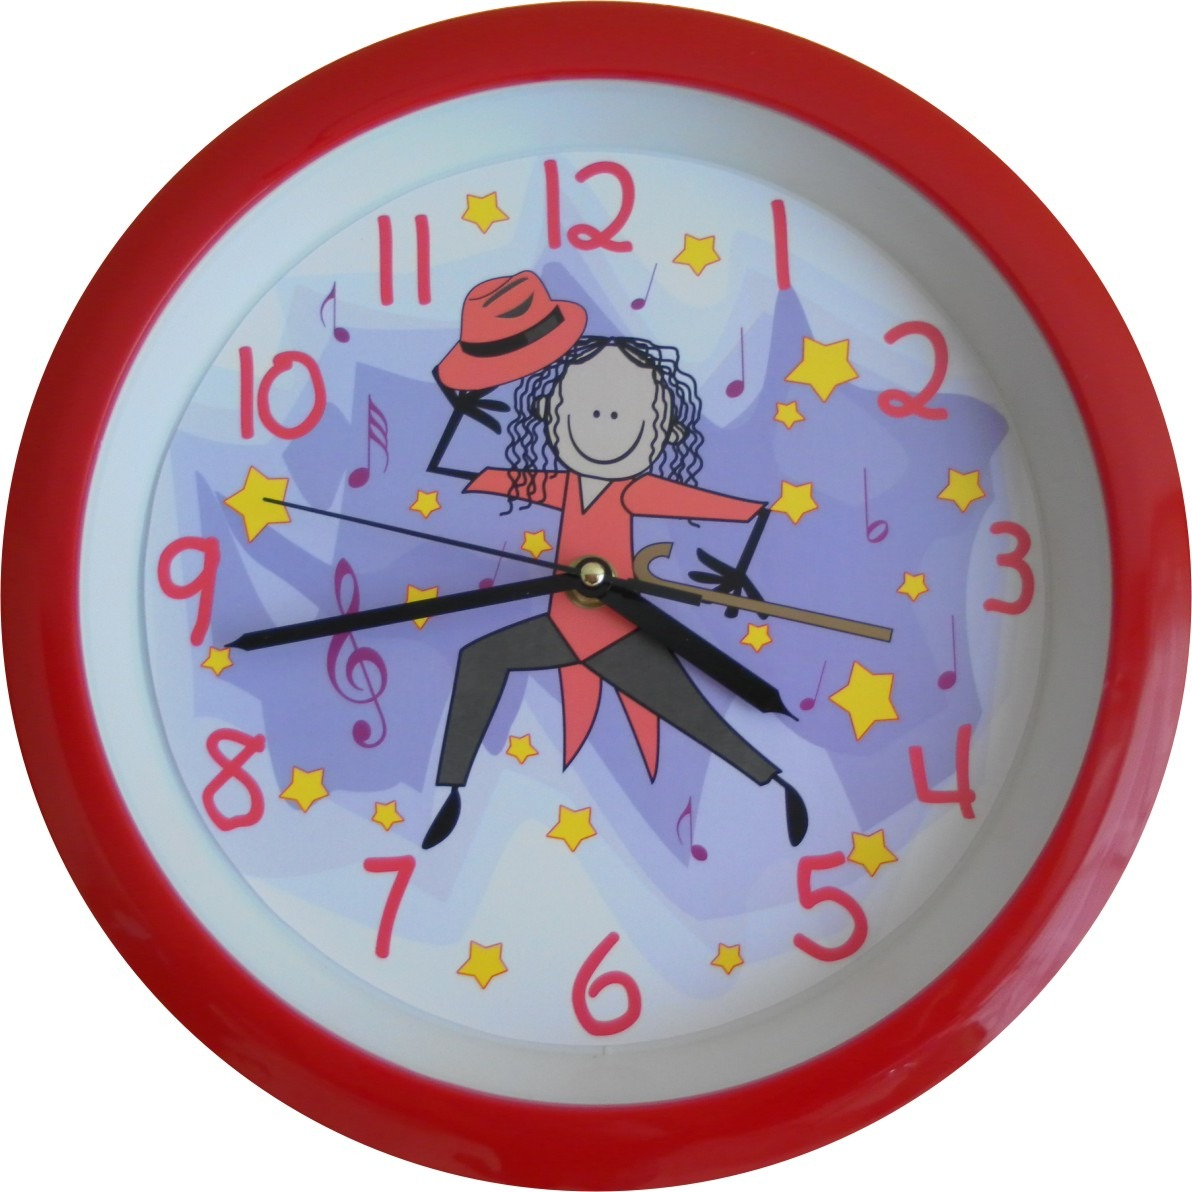 Relojes de pared para ni os - Relojes de pared diseno ...